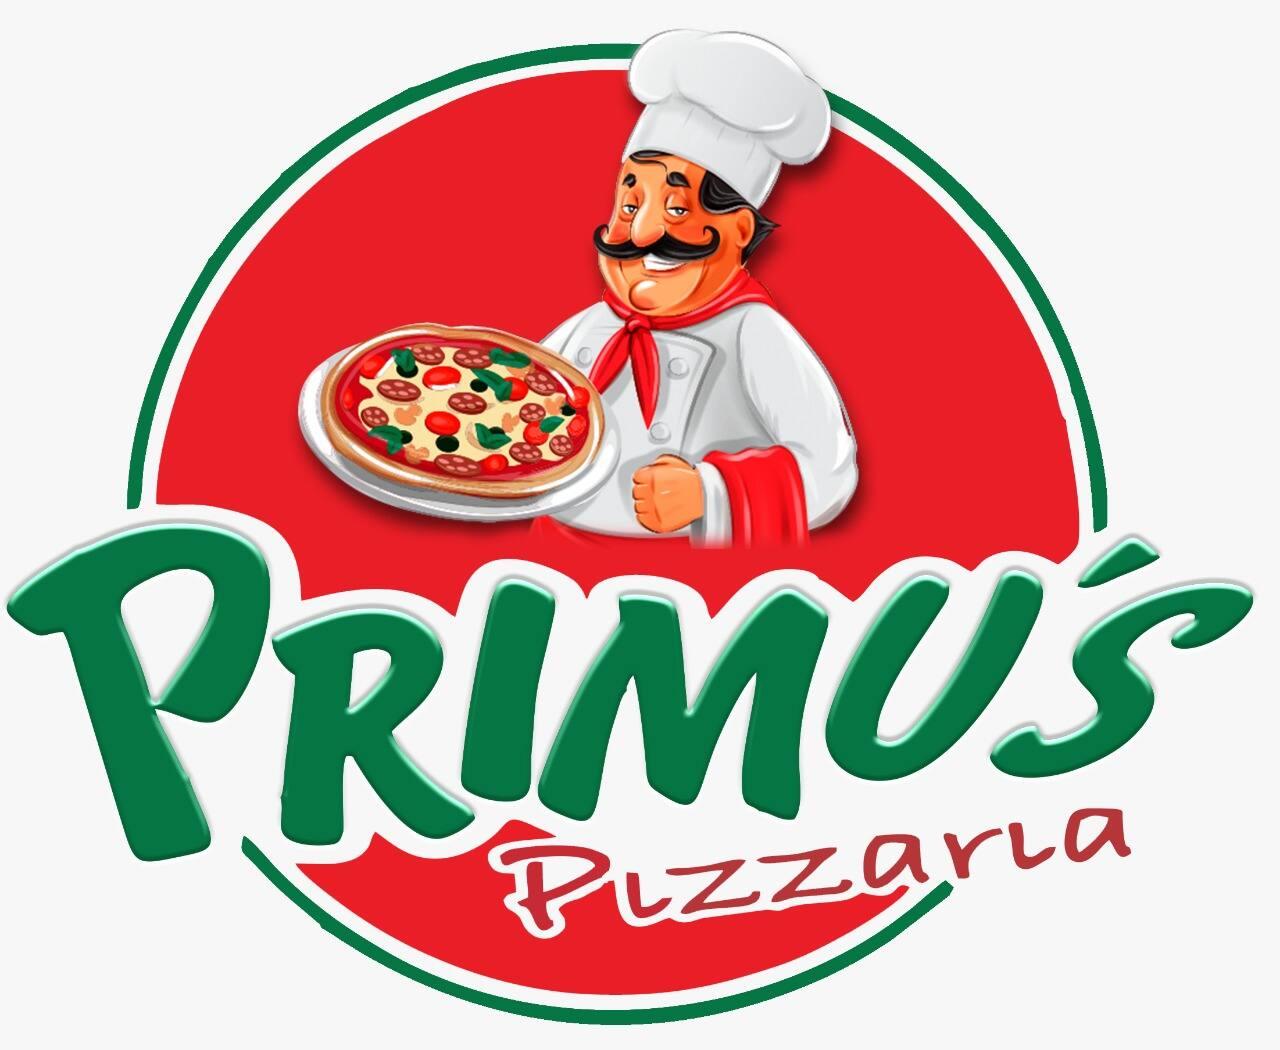 Primu'ss Pizzaria